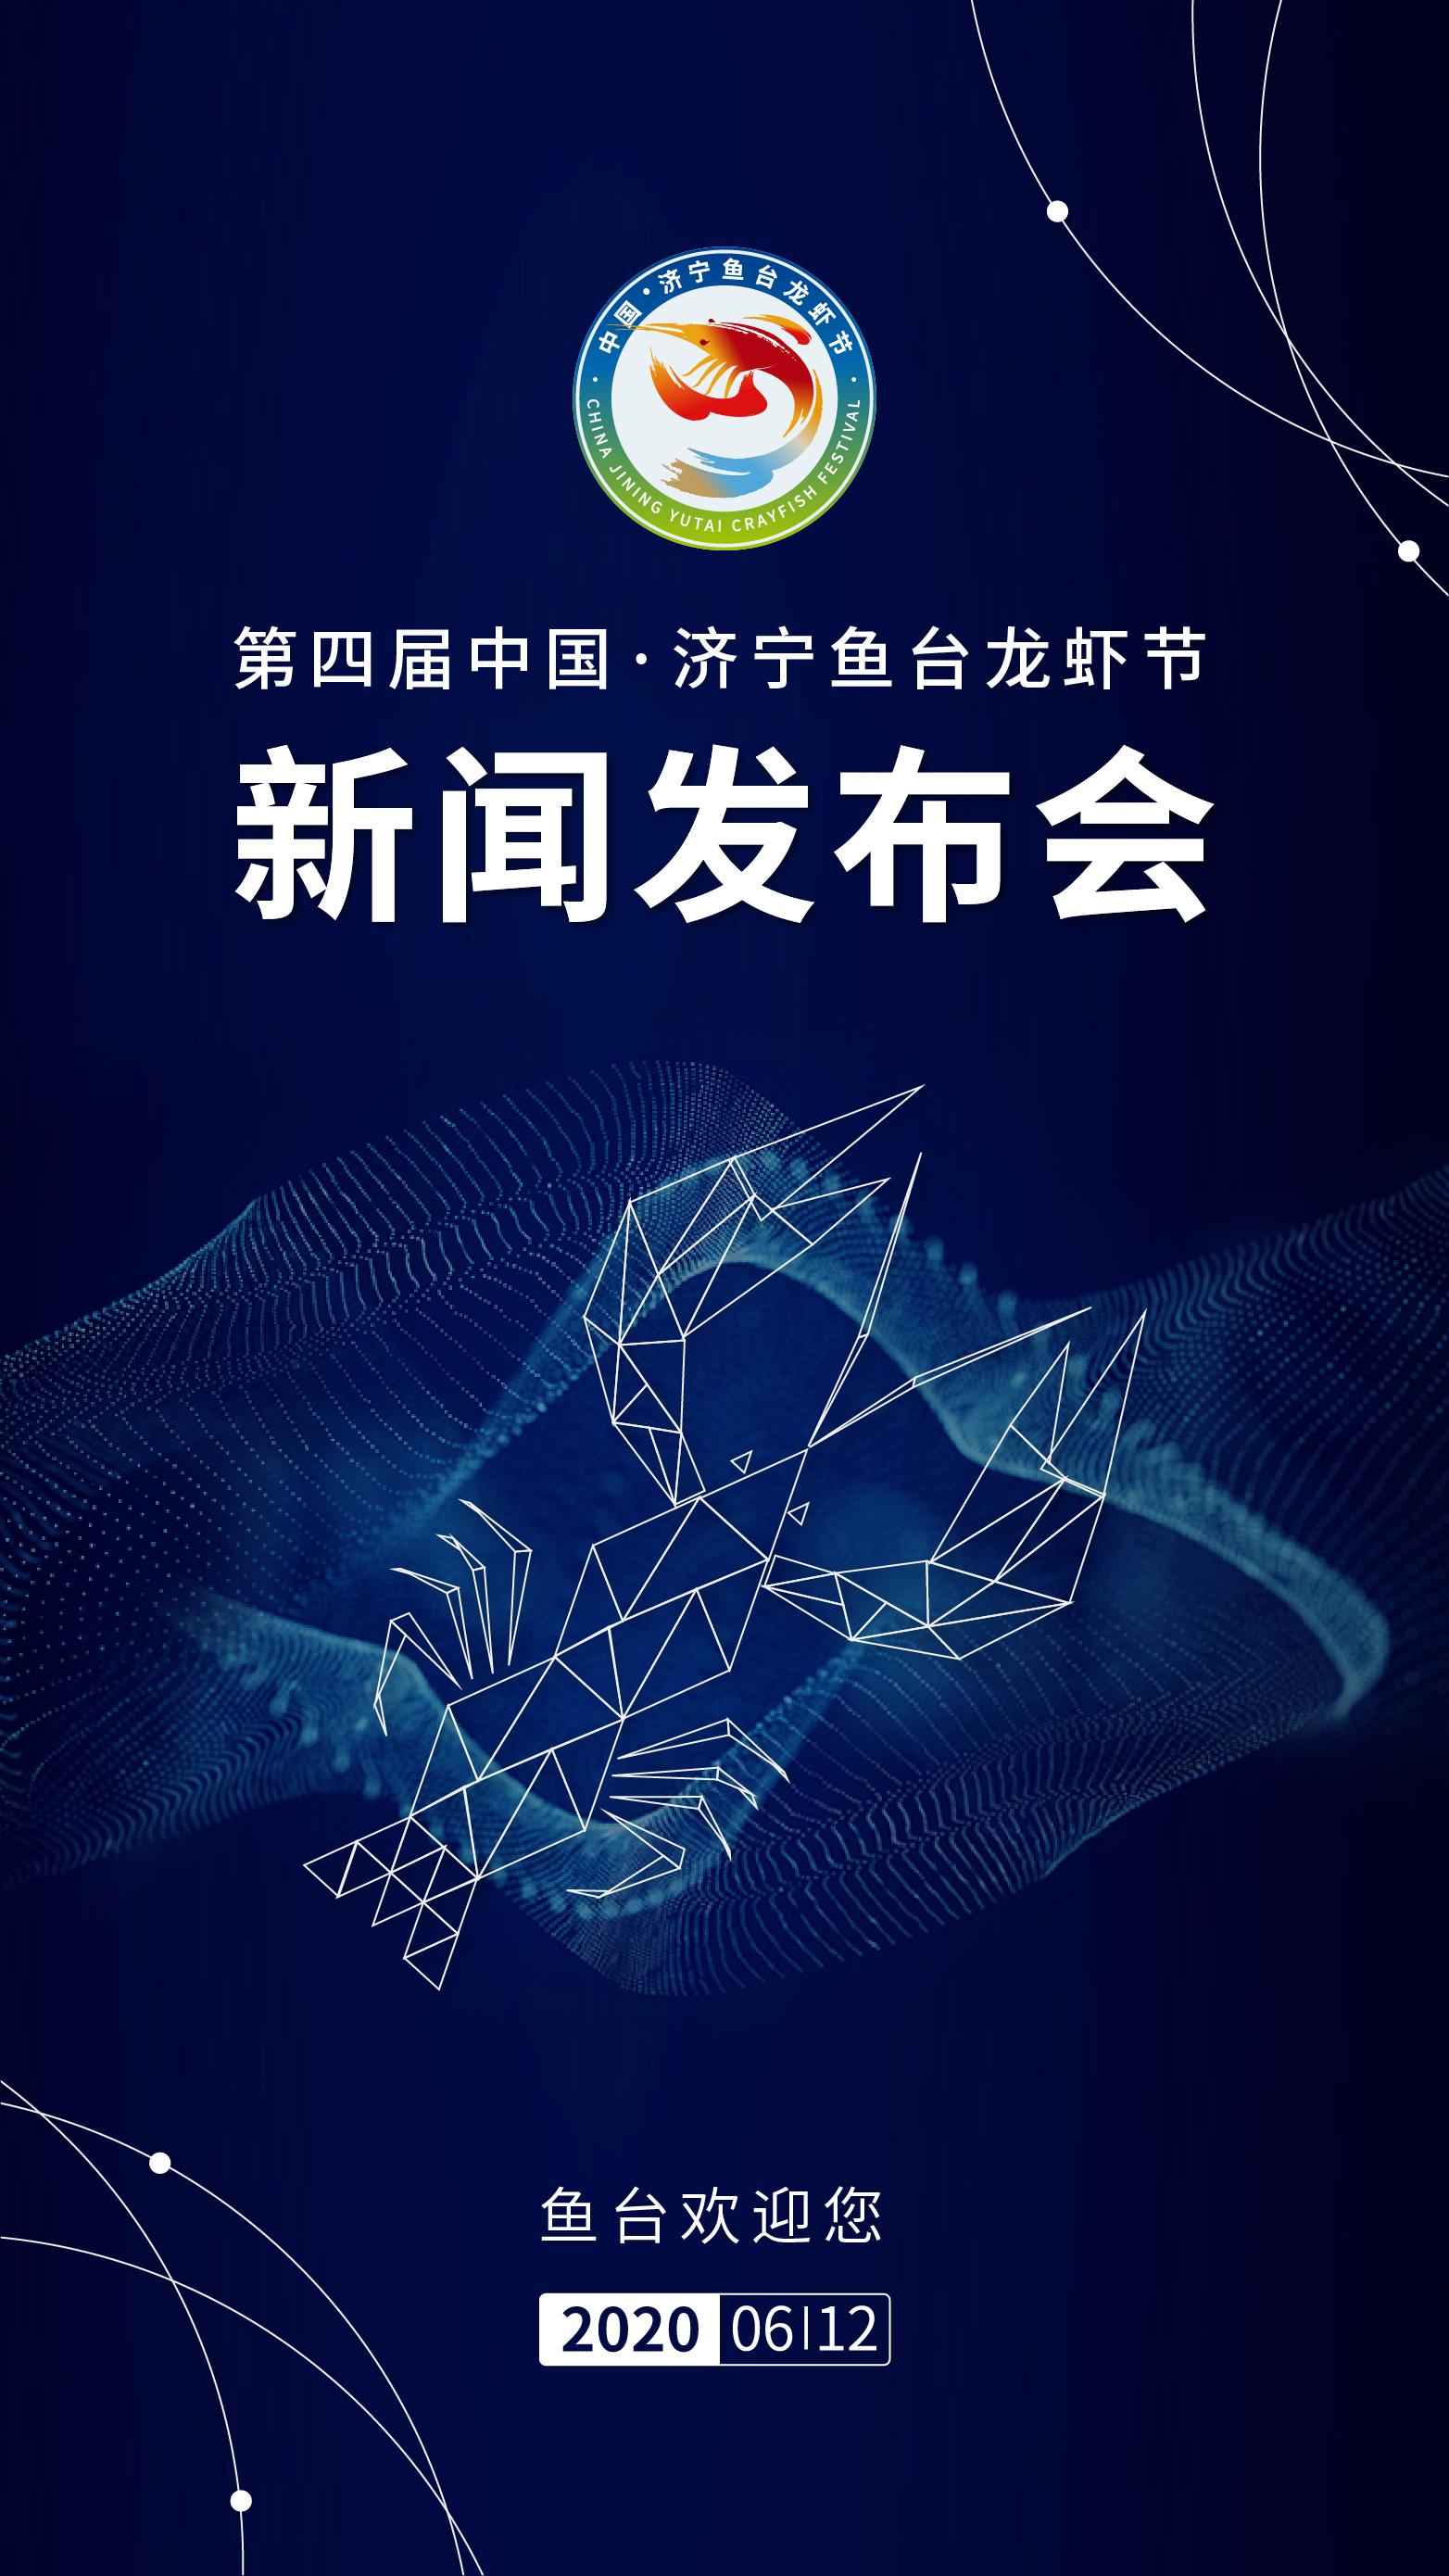 中国·济宁鱼台龙虾节新闻发布会